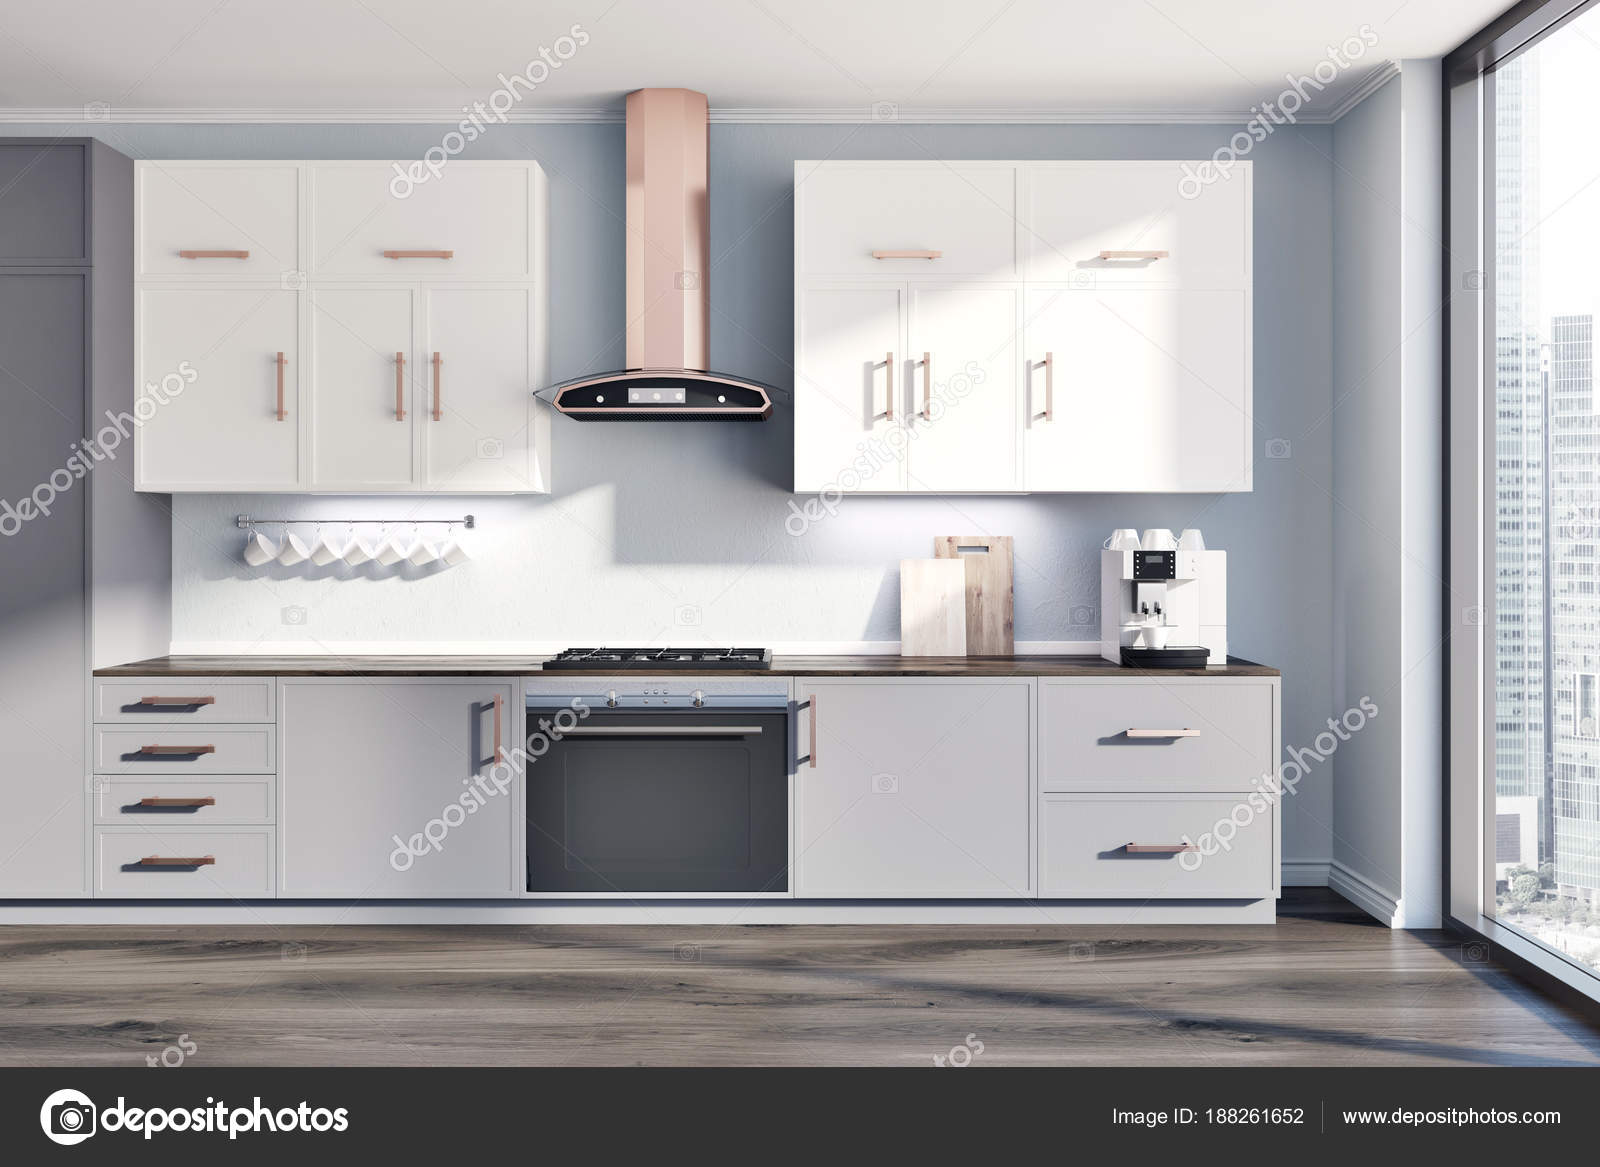 Cucine Bianco Grigio : Banconi da cucina grigio interni bianco e grigio u foto stock